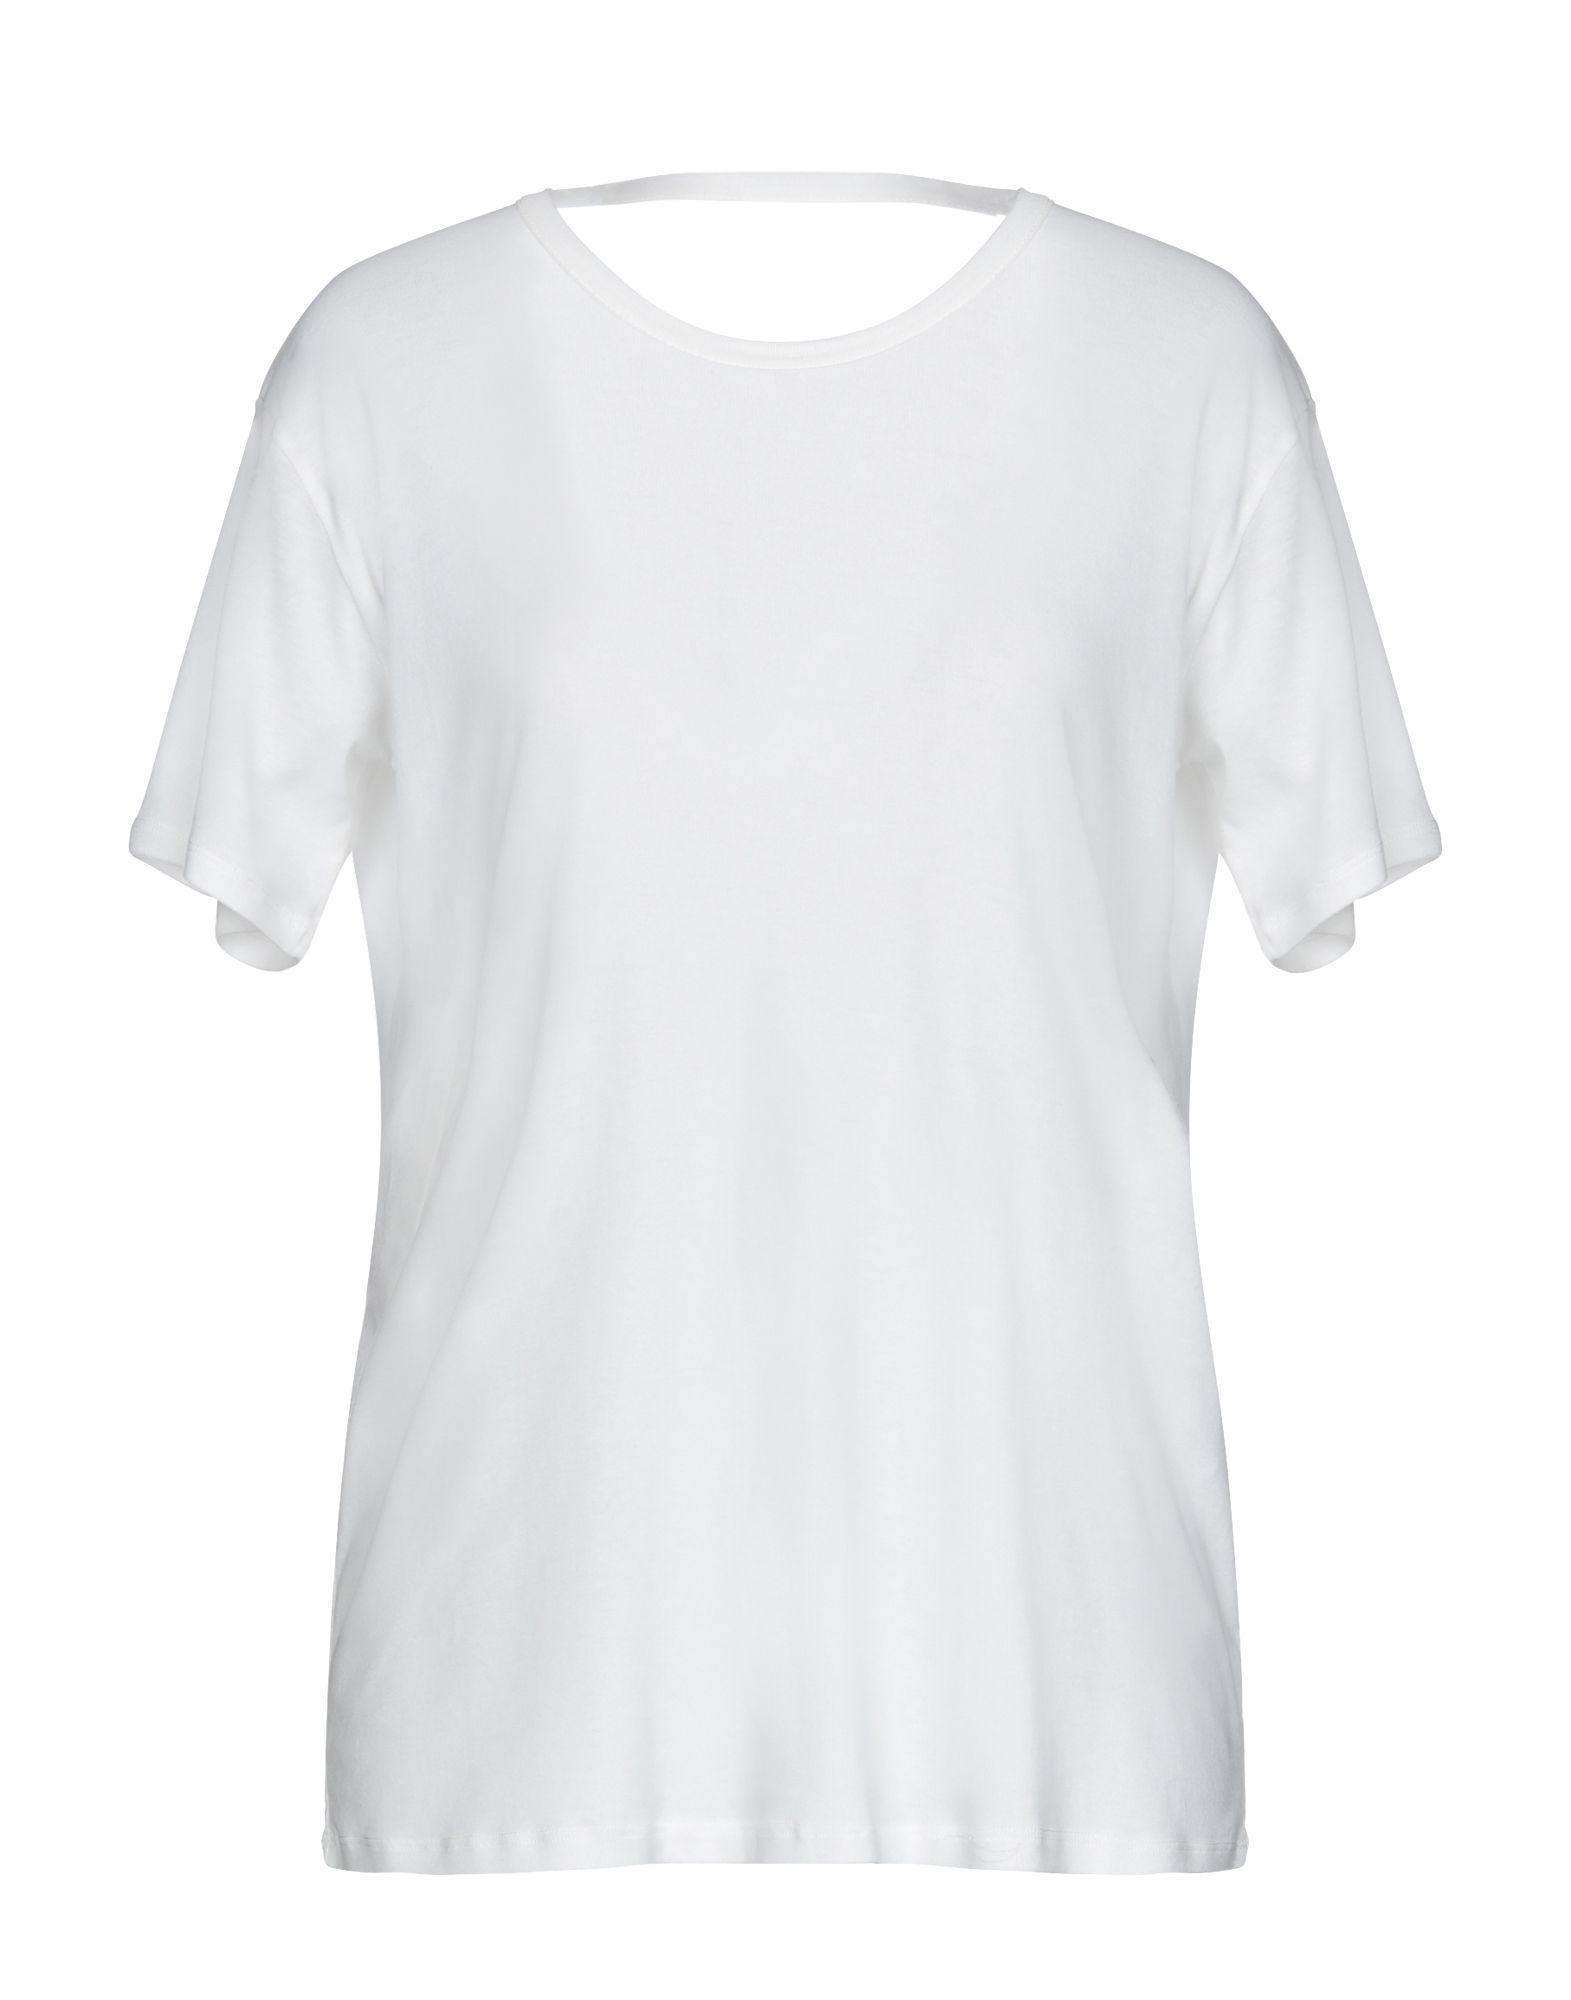 《期間限定セール中》SEMICOUTURE レディース T シャツ ホワイト M コットン 100%